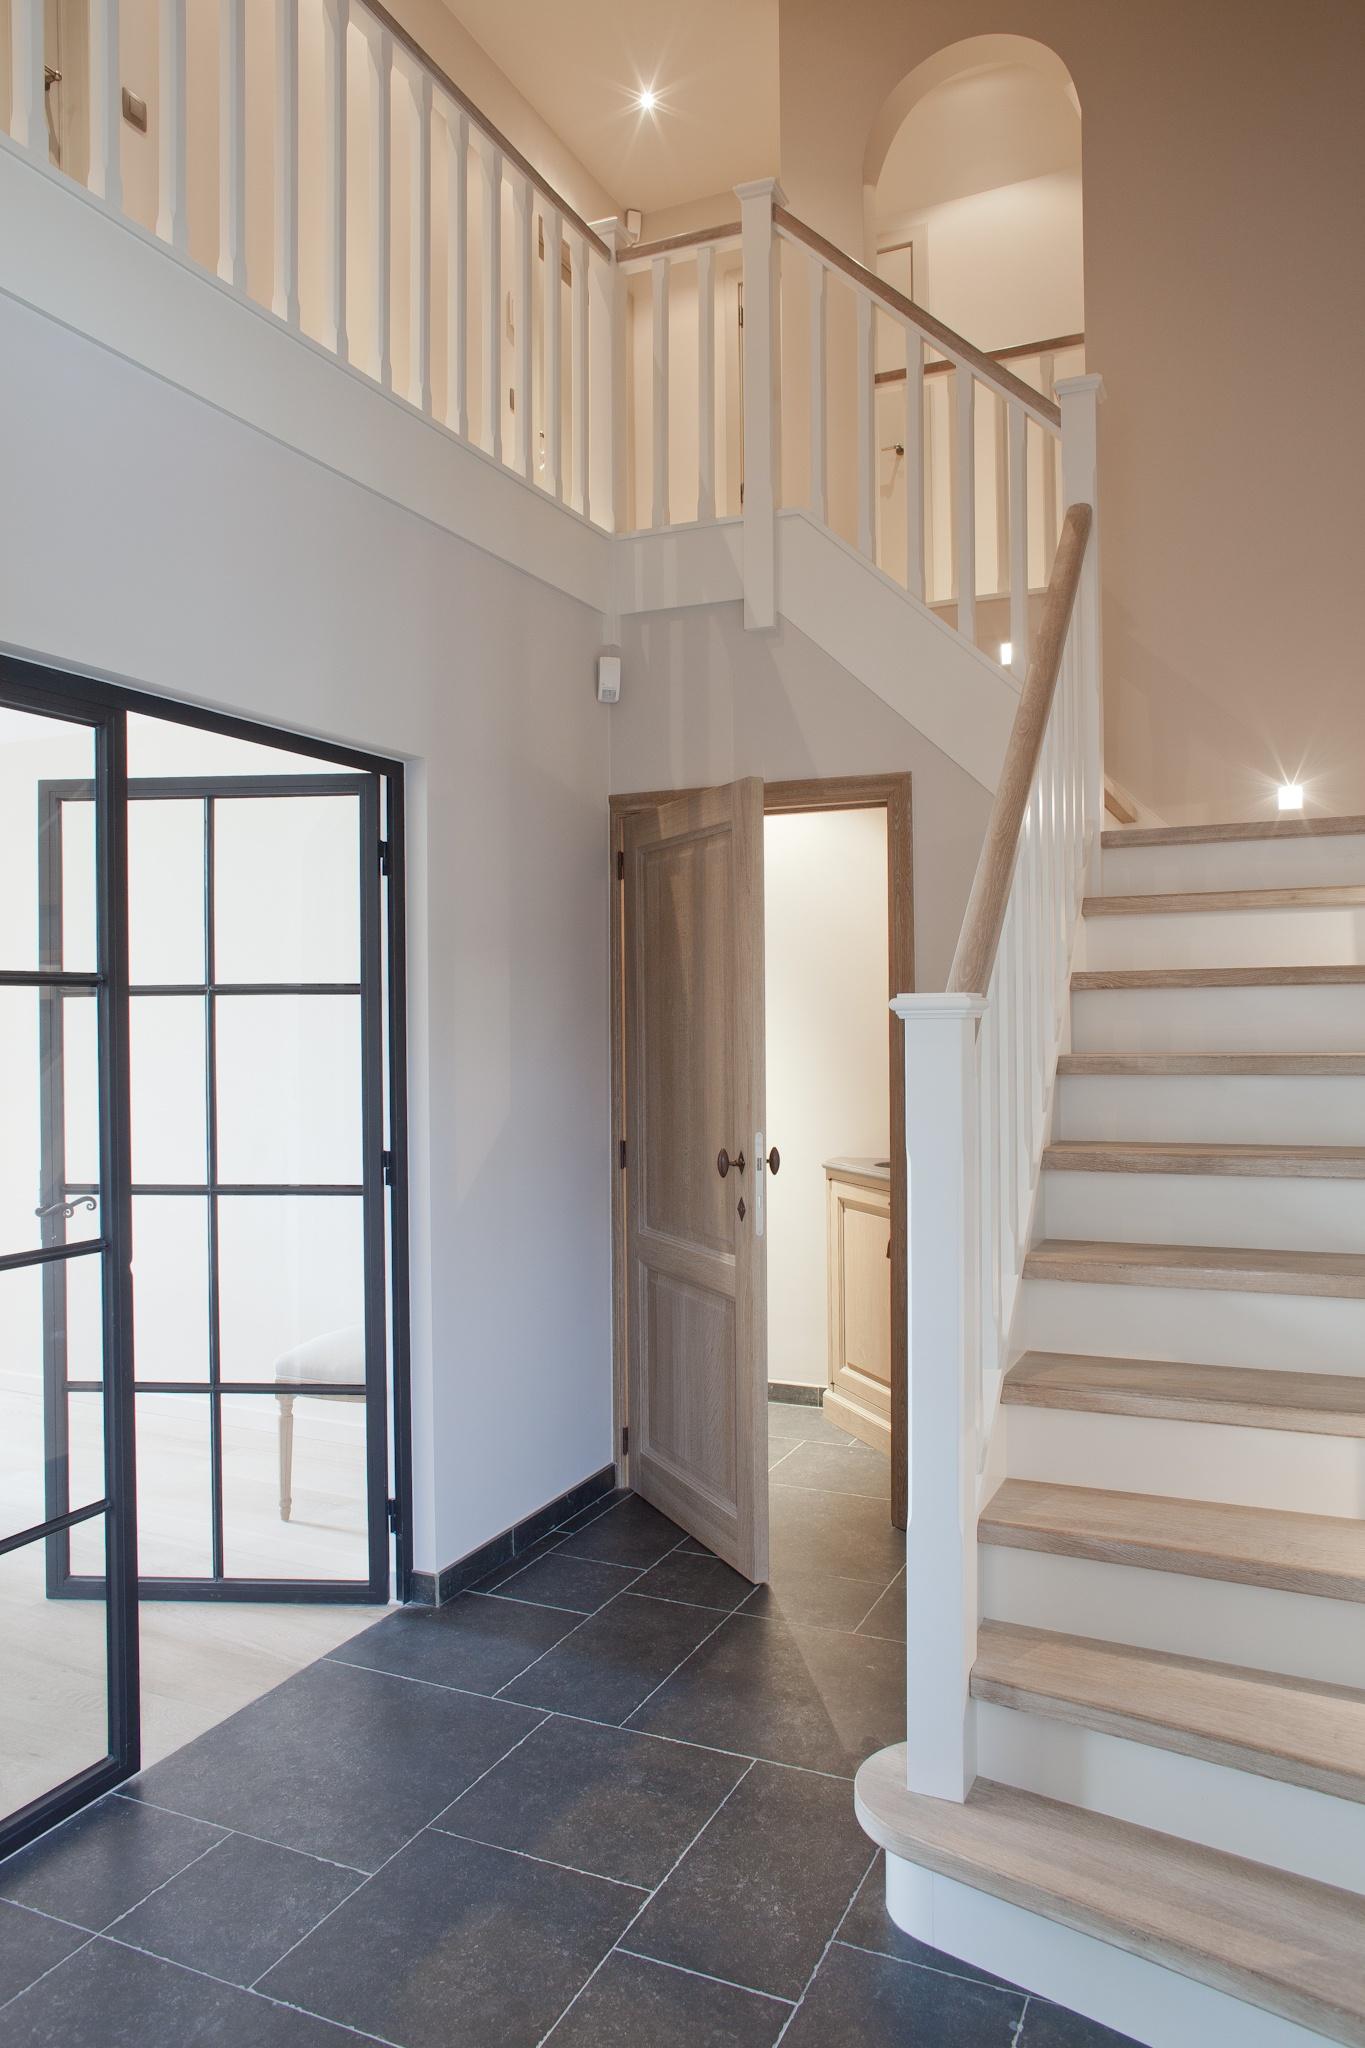 Schuifdeur woonkamer: tussendeur woonkamer en schuifdeur trapgat ...